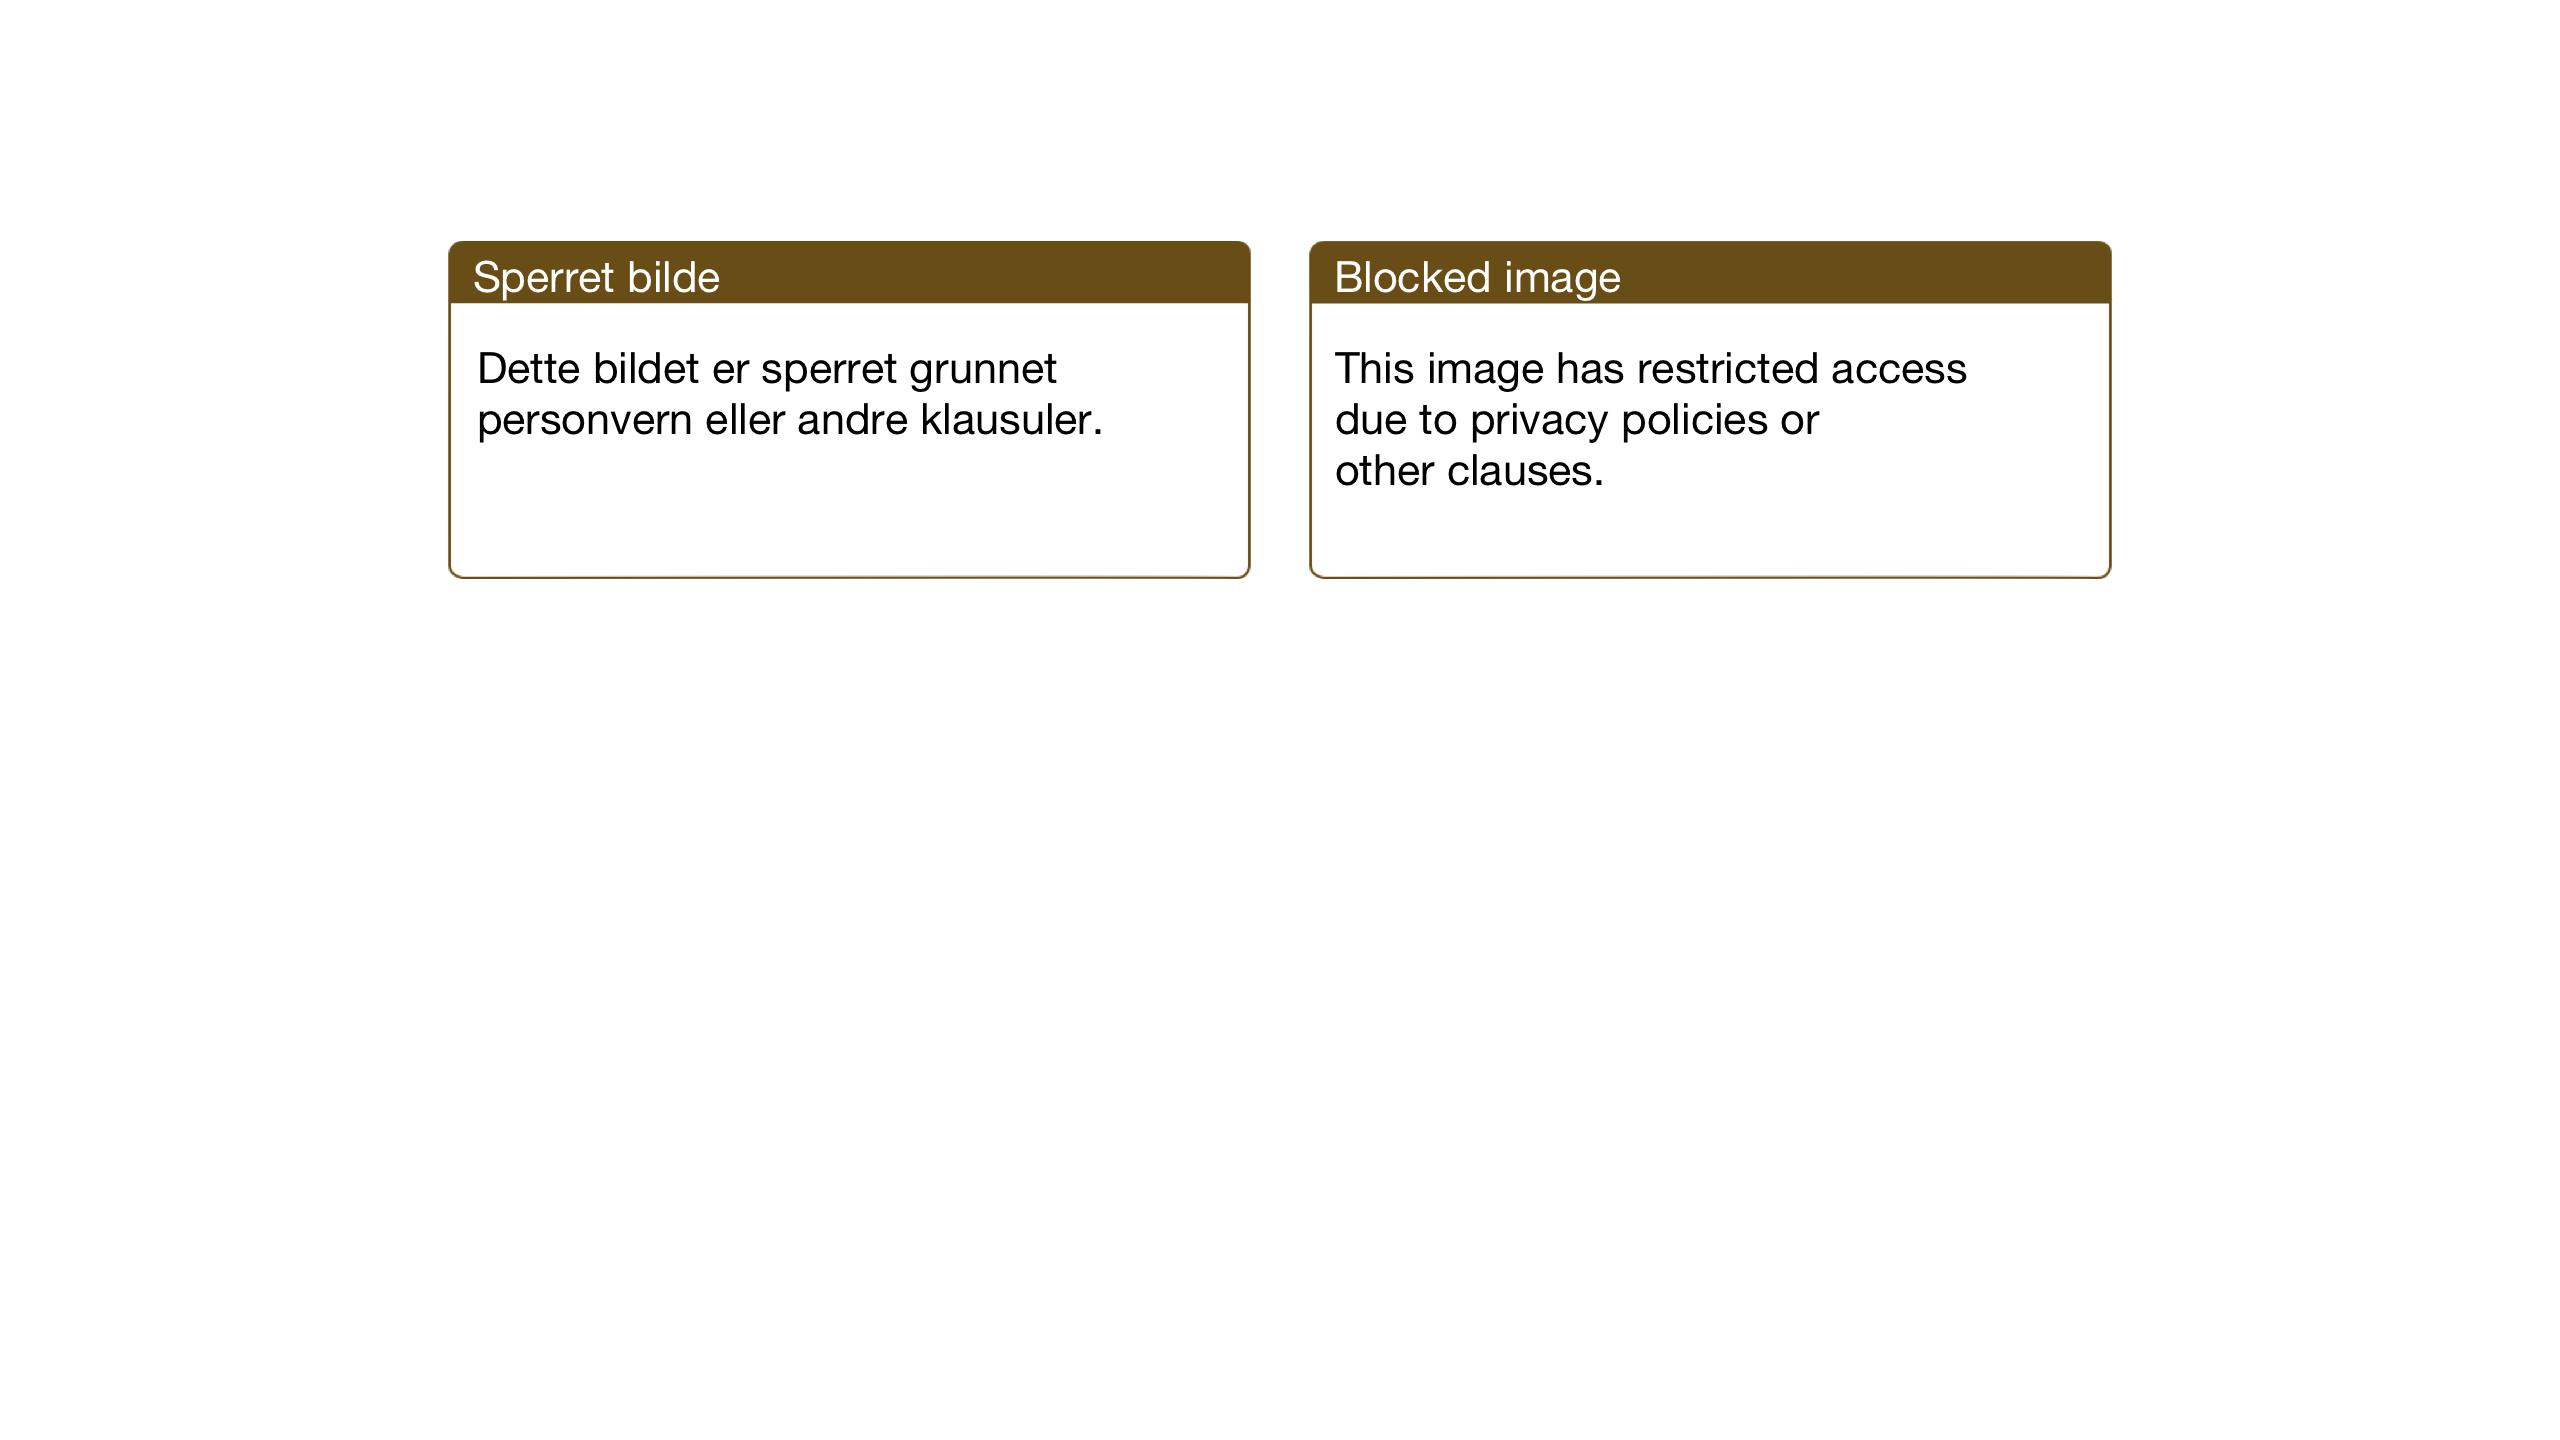 SAT, Ministerialprotokoller, klokkerbøker og fødselsregistre - Sør-Trøndelag, 653/L0658: Klokkerbok nr. 653C02, 1919-1947, s. 58